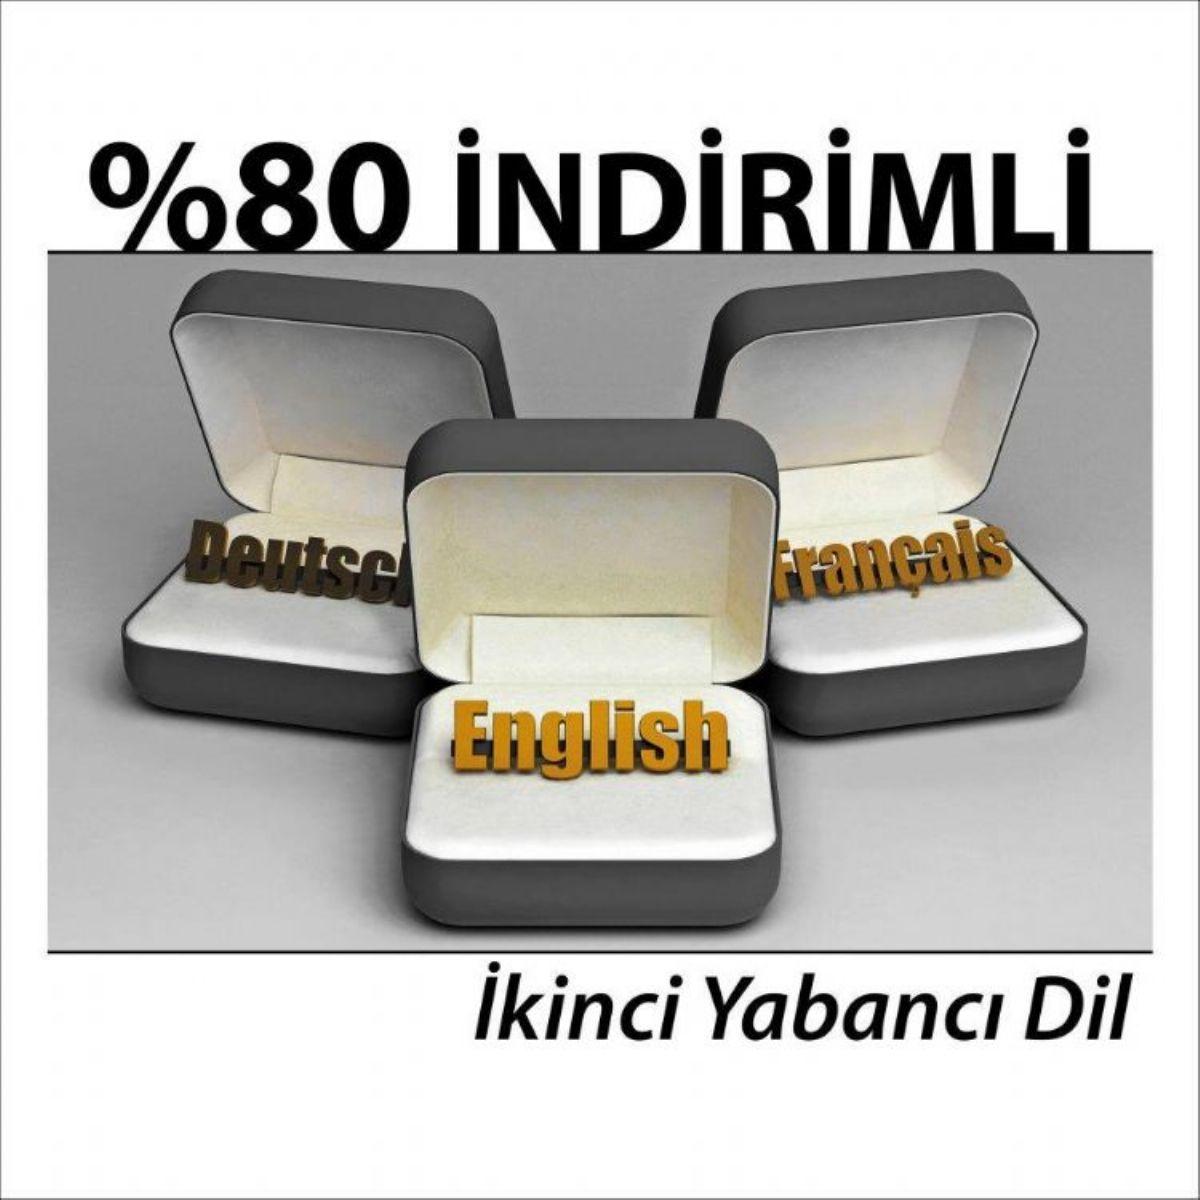 %80 Ýndirimli 2. Yabancý Dil